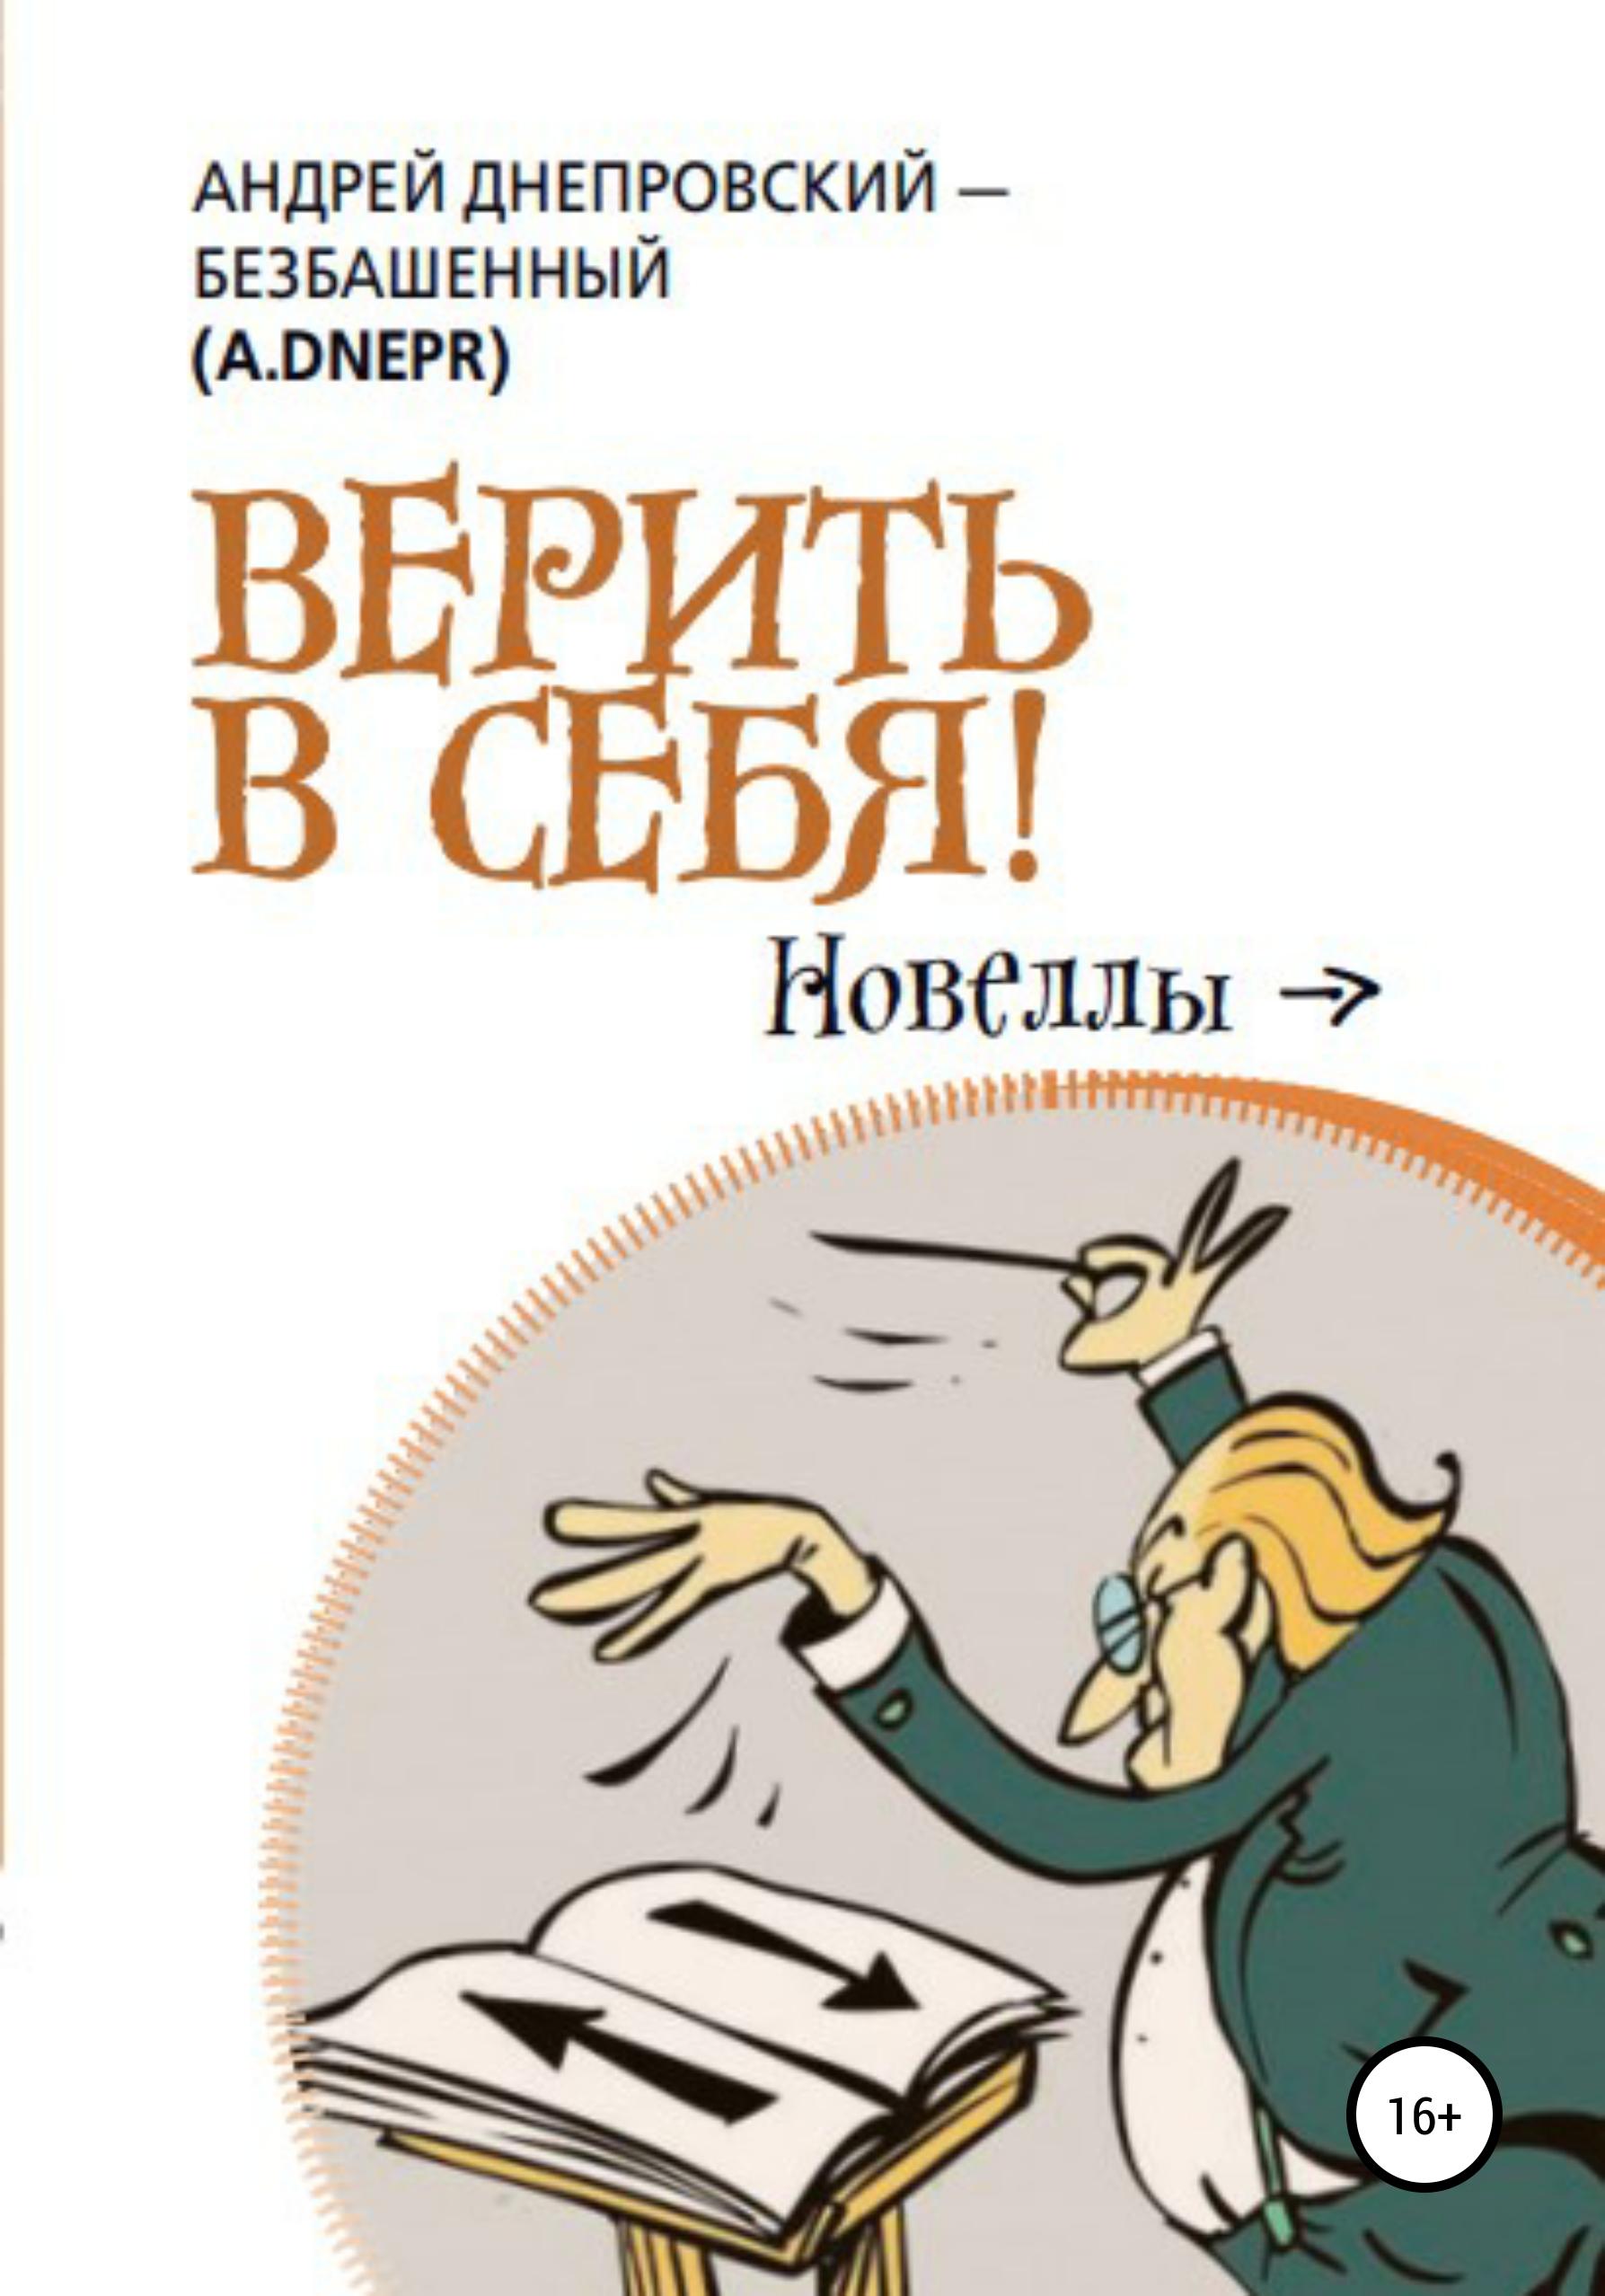 Андрей Днепровский-Безбашенный (A.DNEPR) Верить в себя! цена и фото